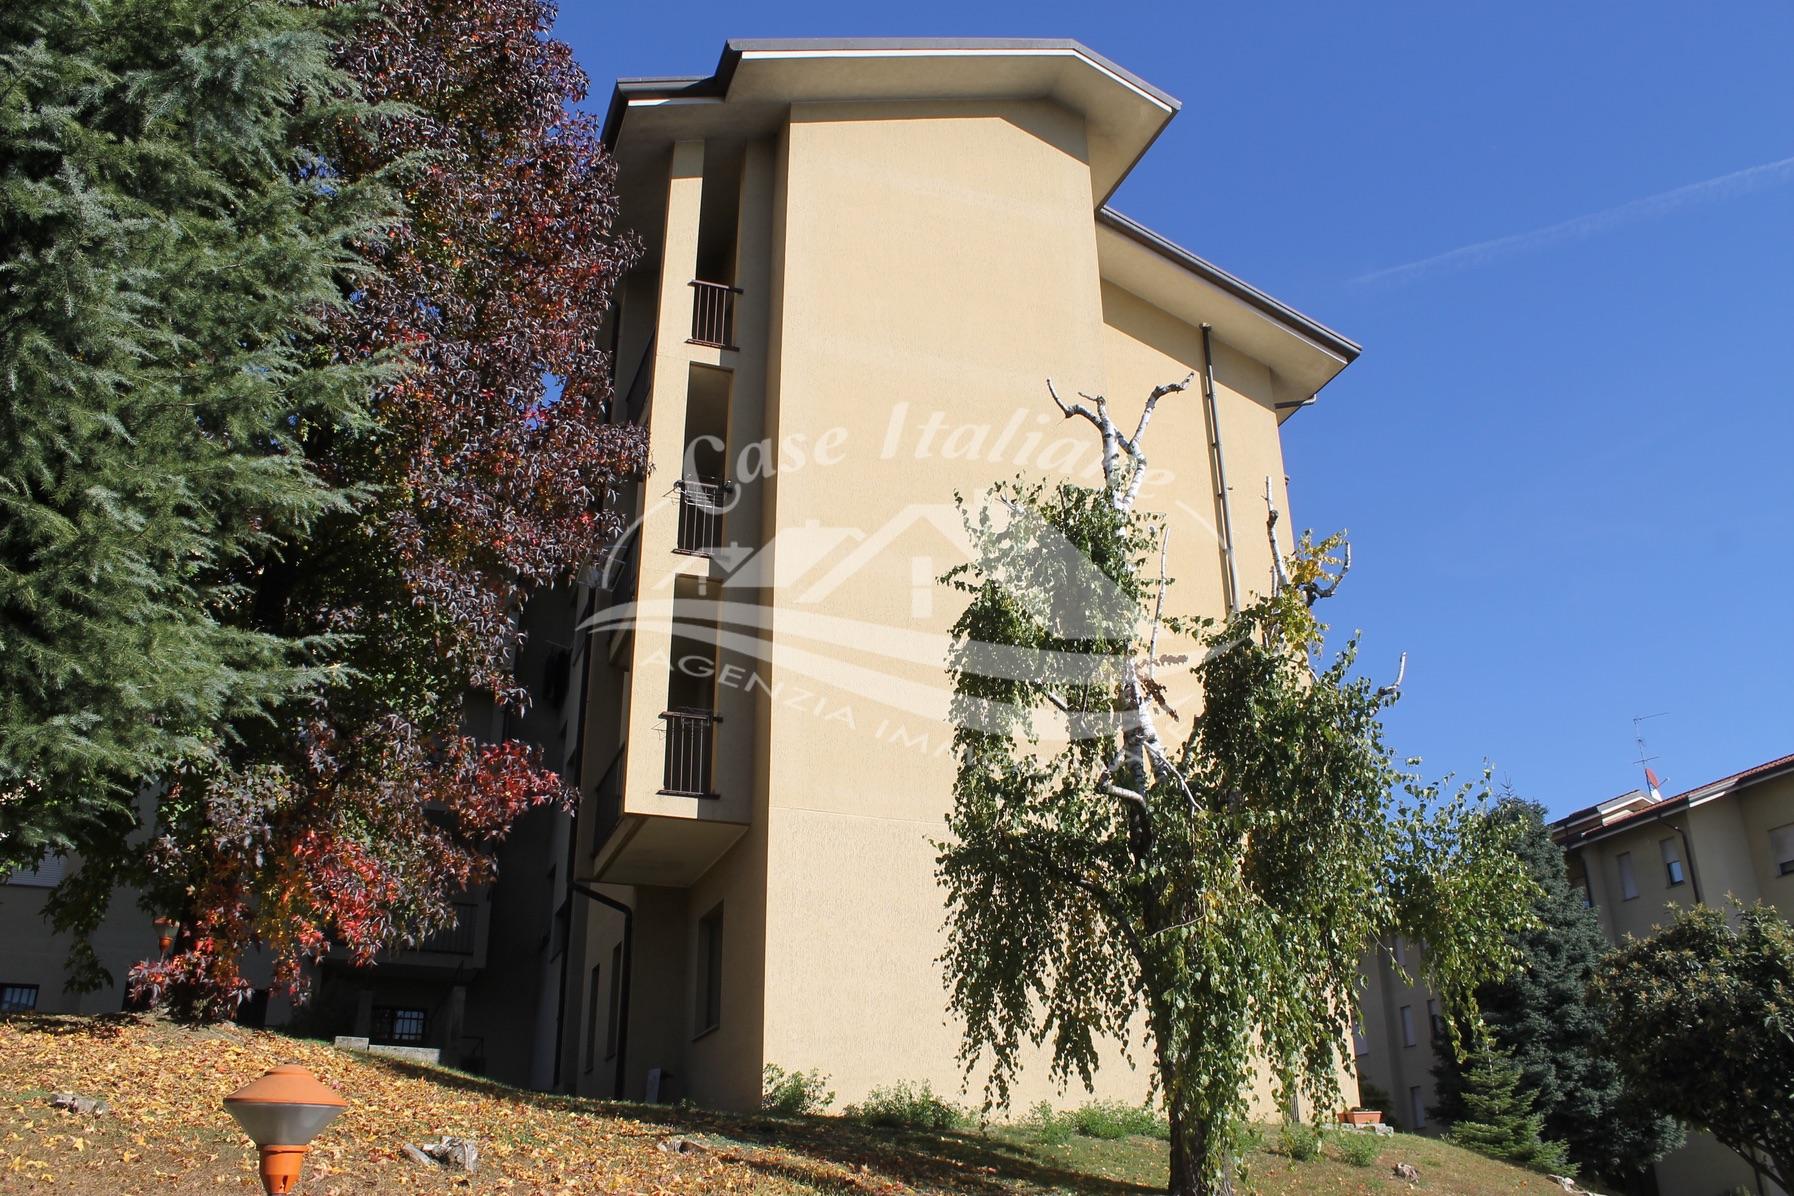 Img 9115 case italiane agenzia immobiliare cant for Case italiane immobiliare